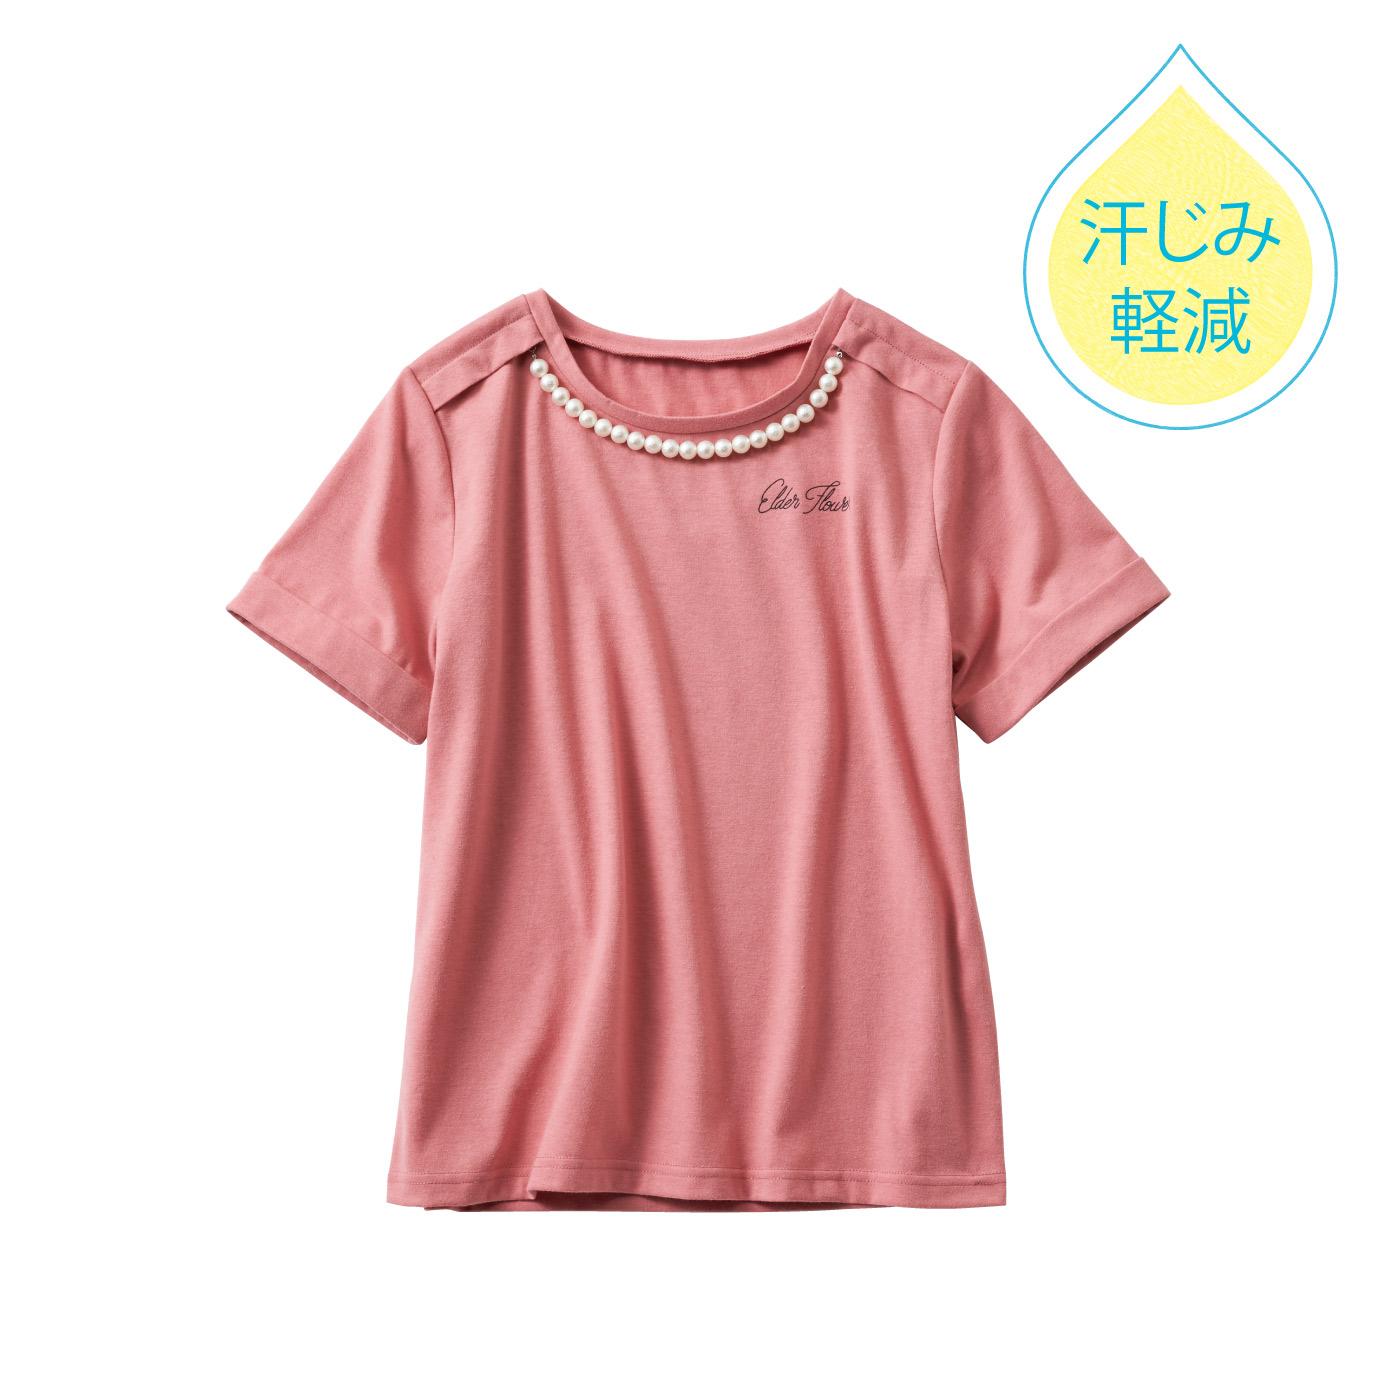 フェリシモ リブ イン コンフォート 汗じみが気にならない パール風モチーフ付きロゴTシャツ〈スモーキーピンク〉